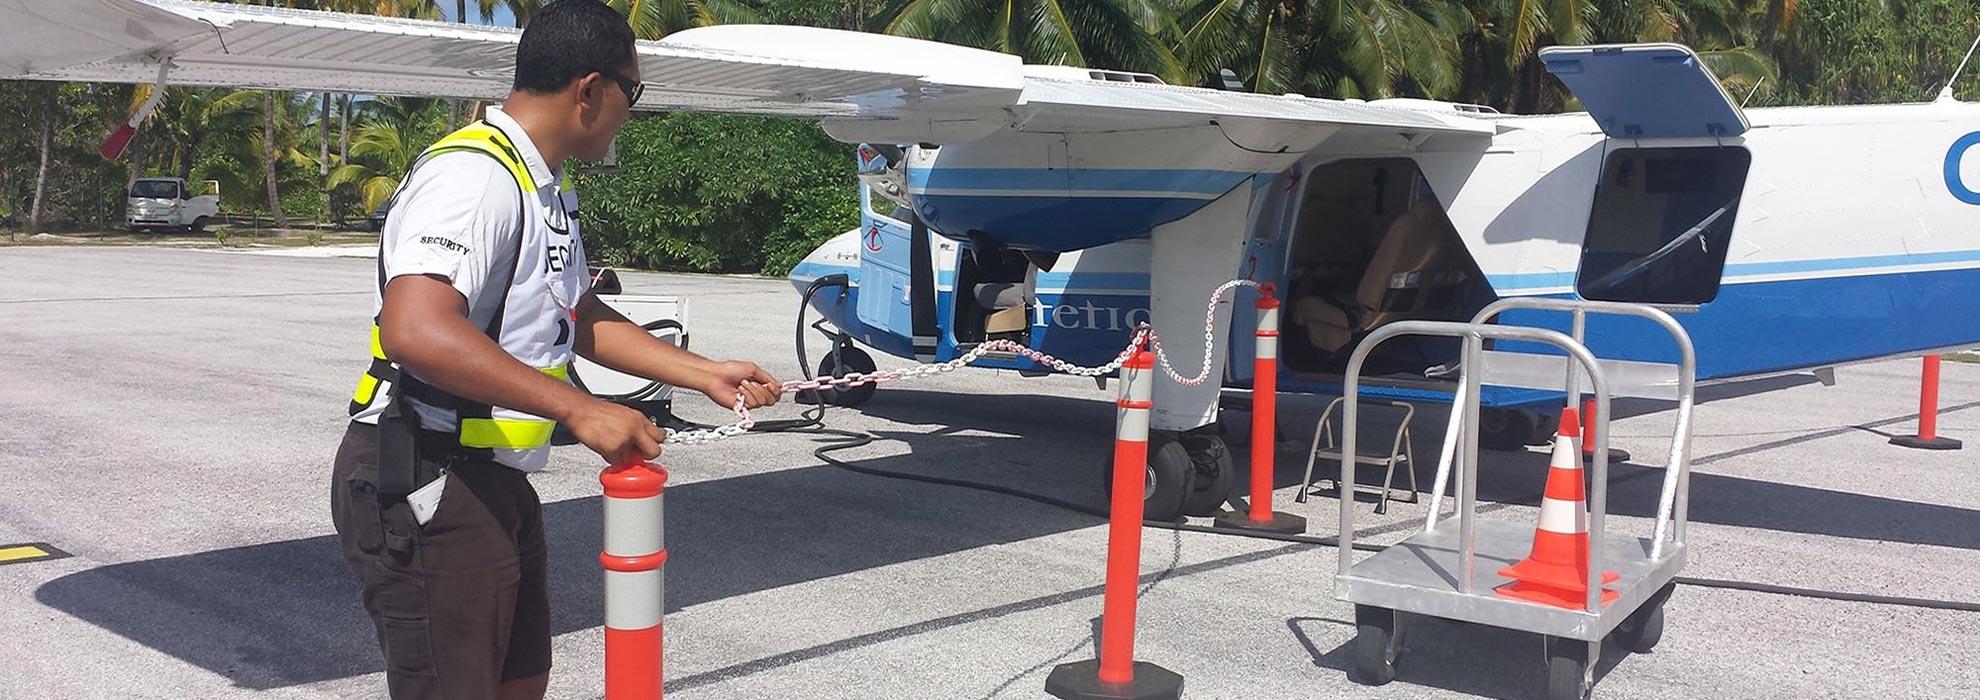 Protection et sécurité des biens et personnes à Tahiti